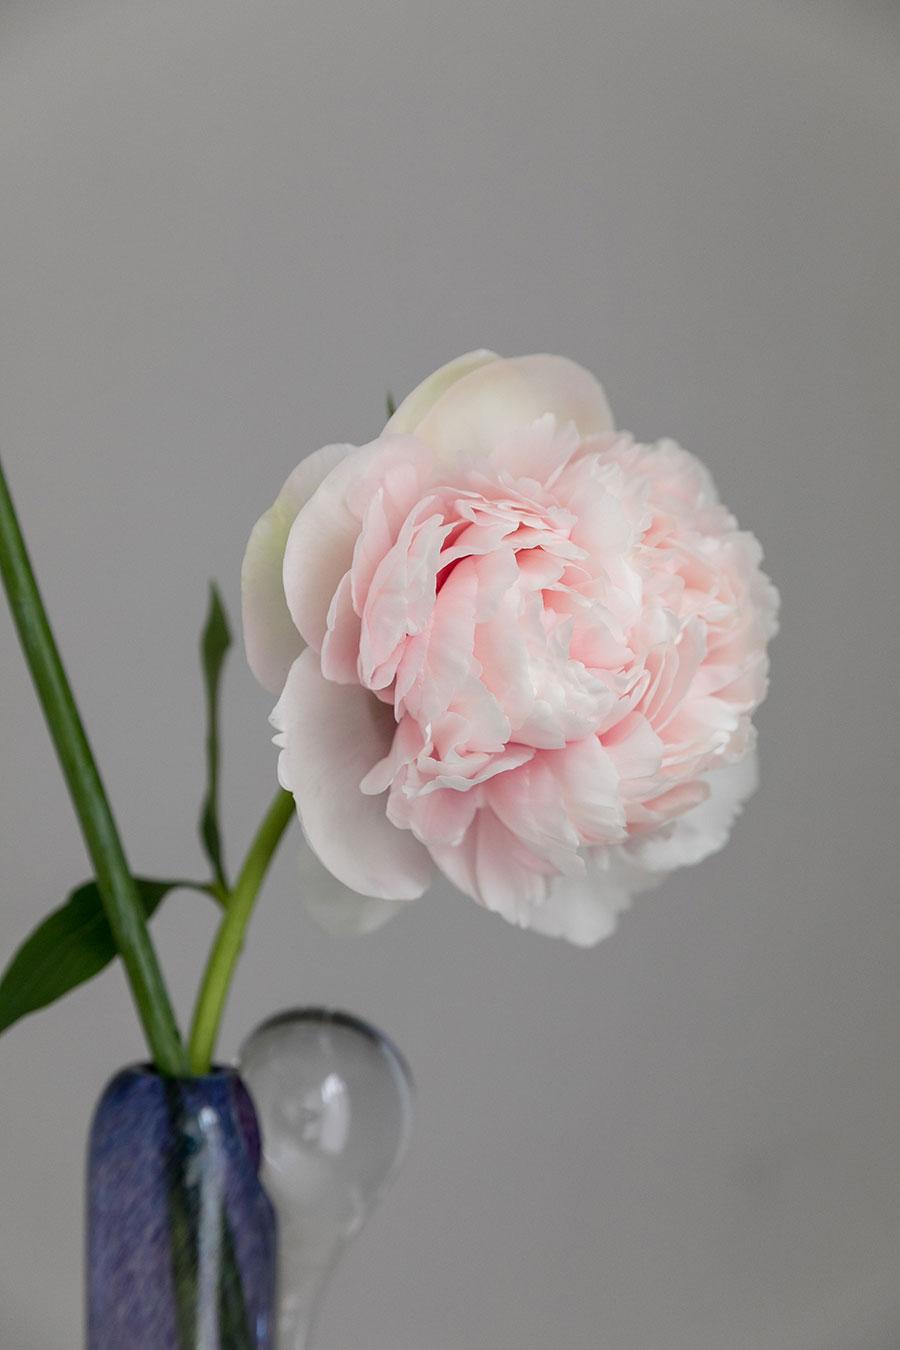 芍薬は柔らかに重なる花弁が美しい。蕾からだんだんと開く過程も素敵。